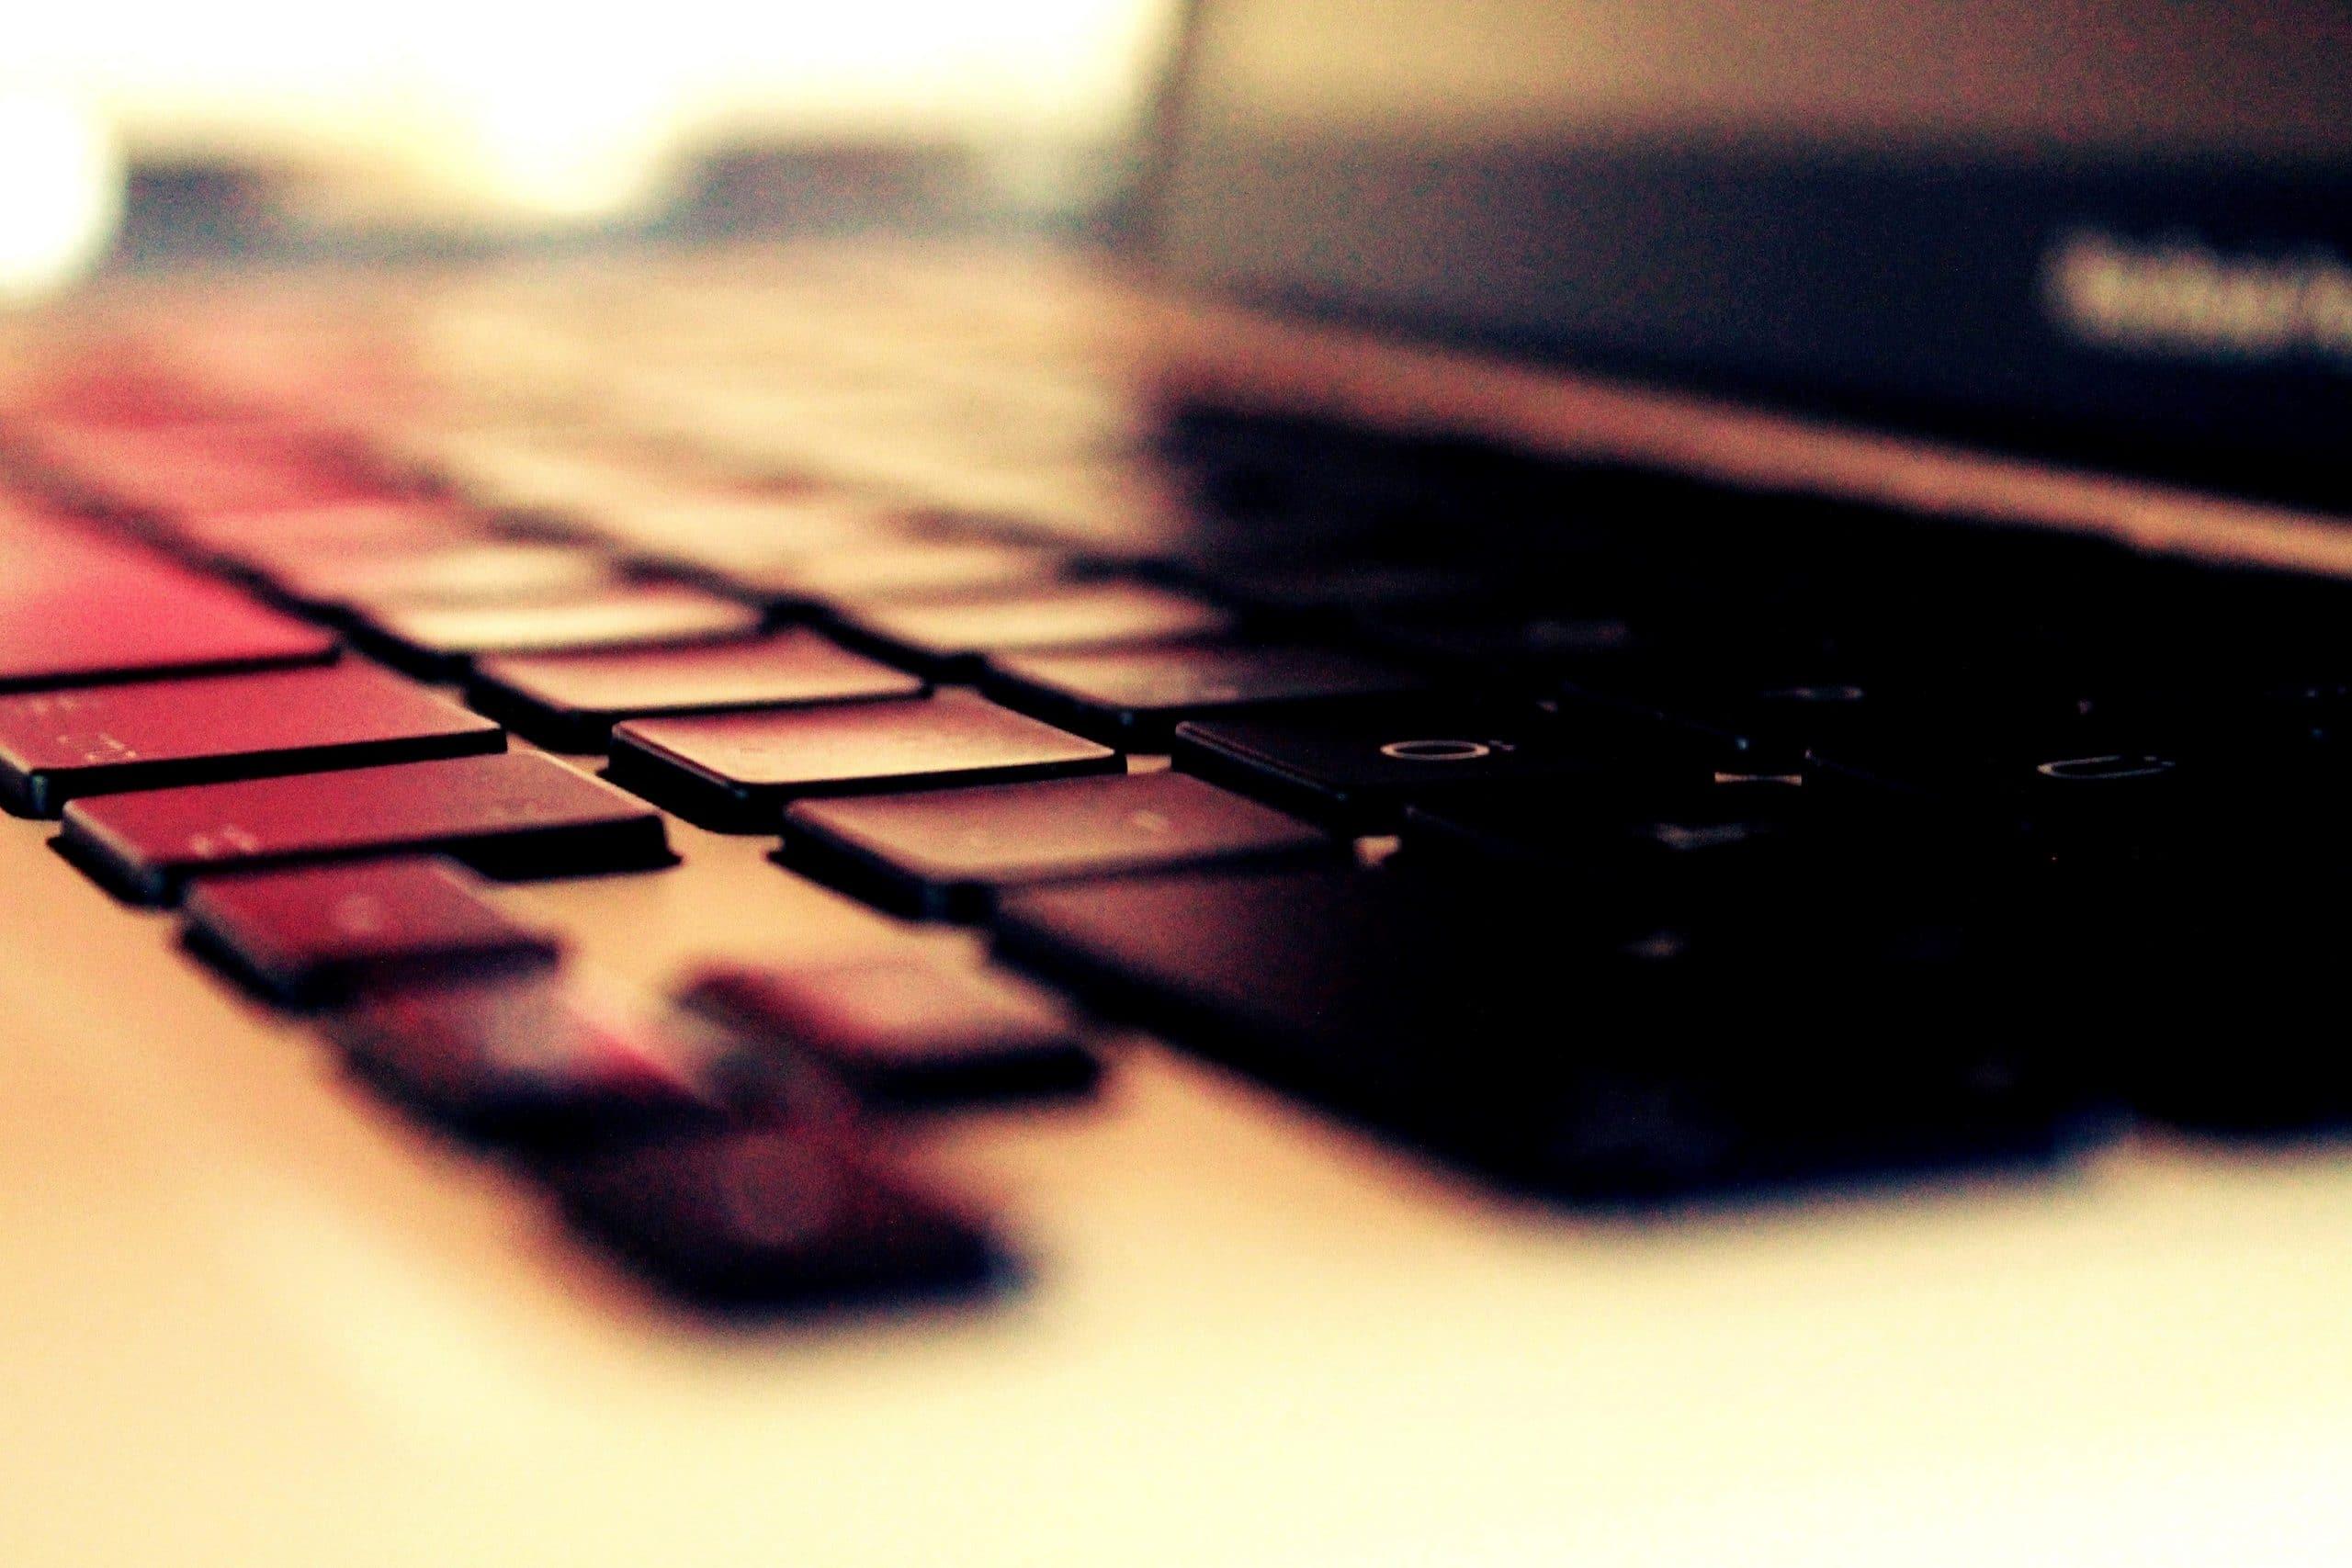 Wat is een goede laptop